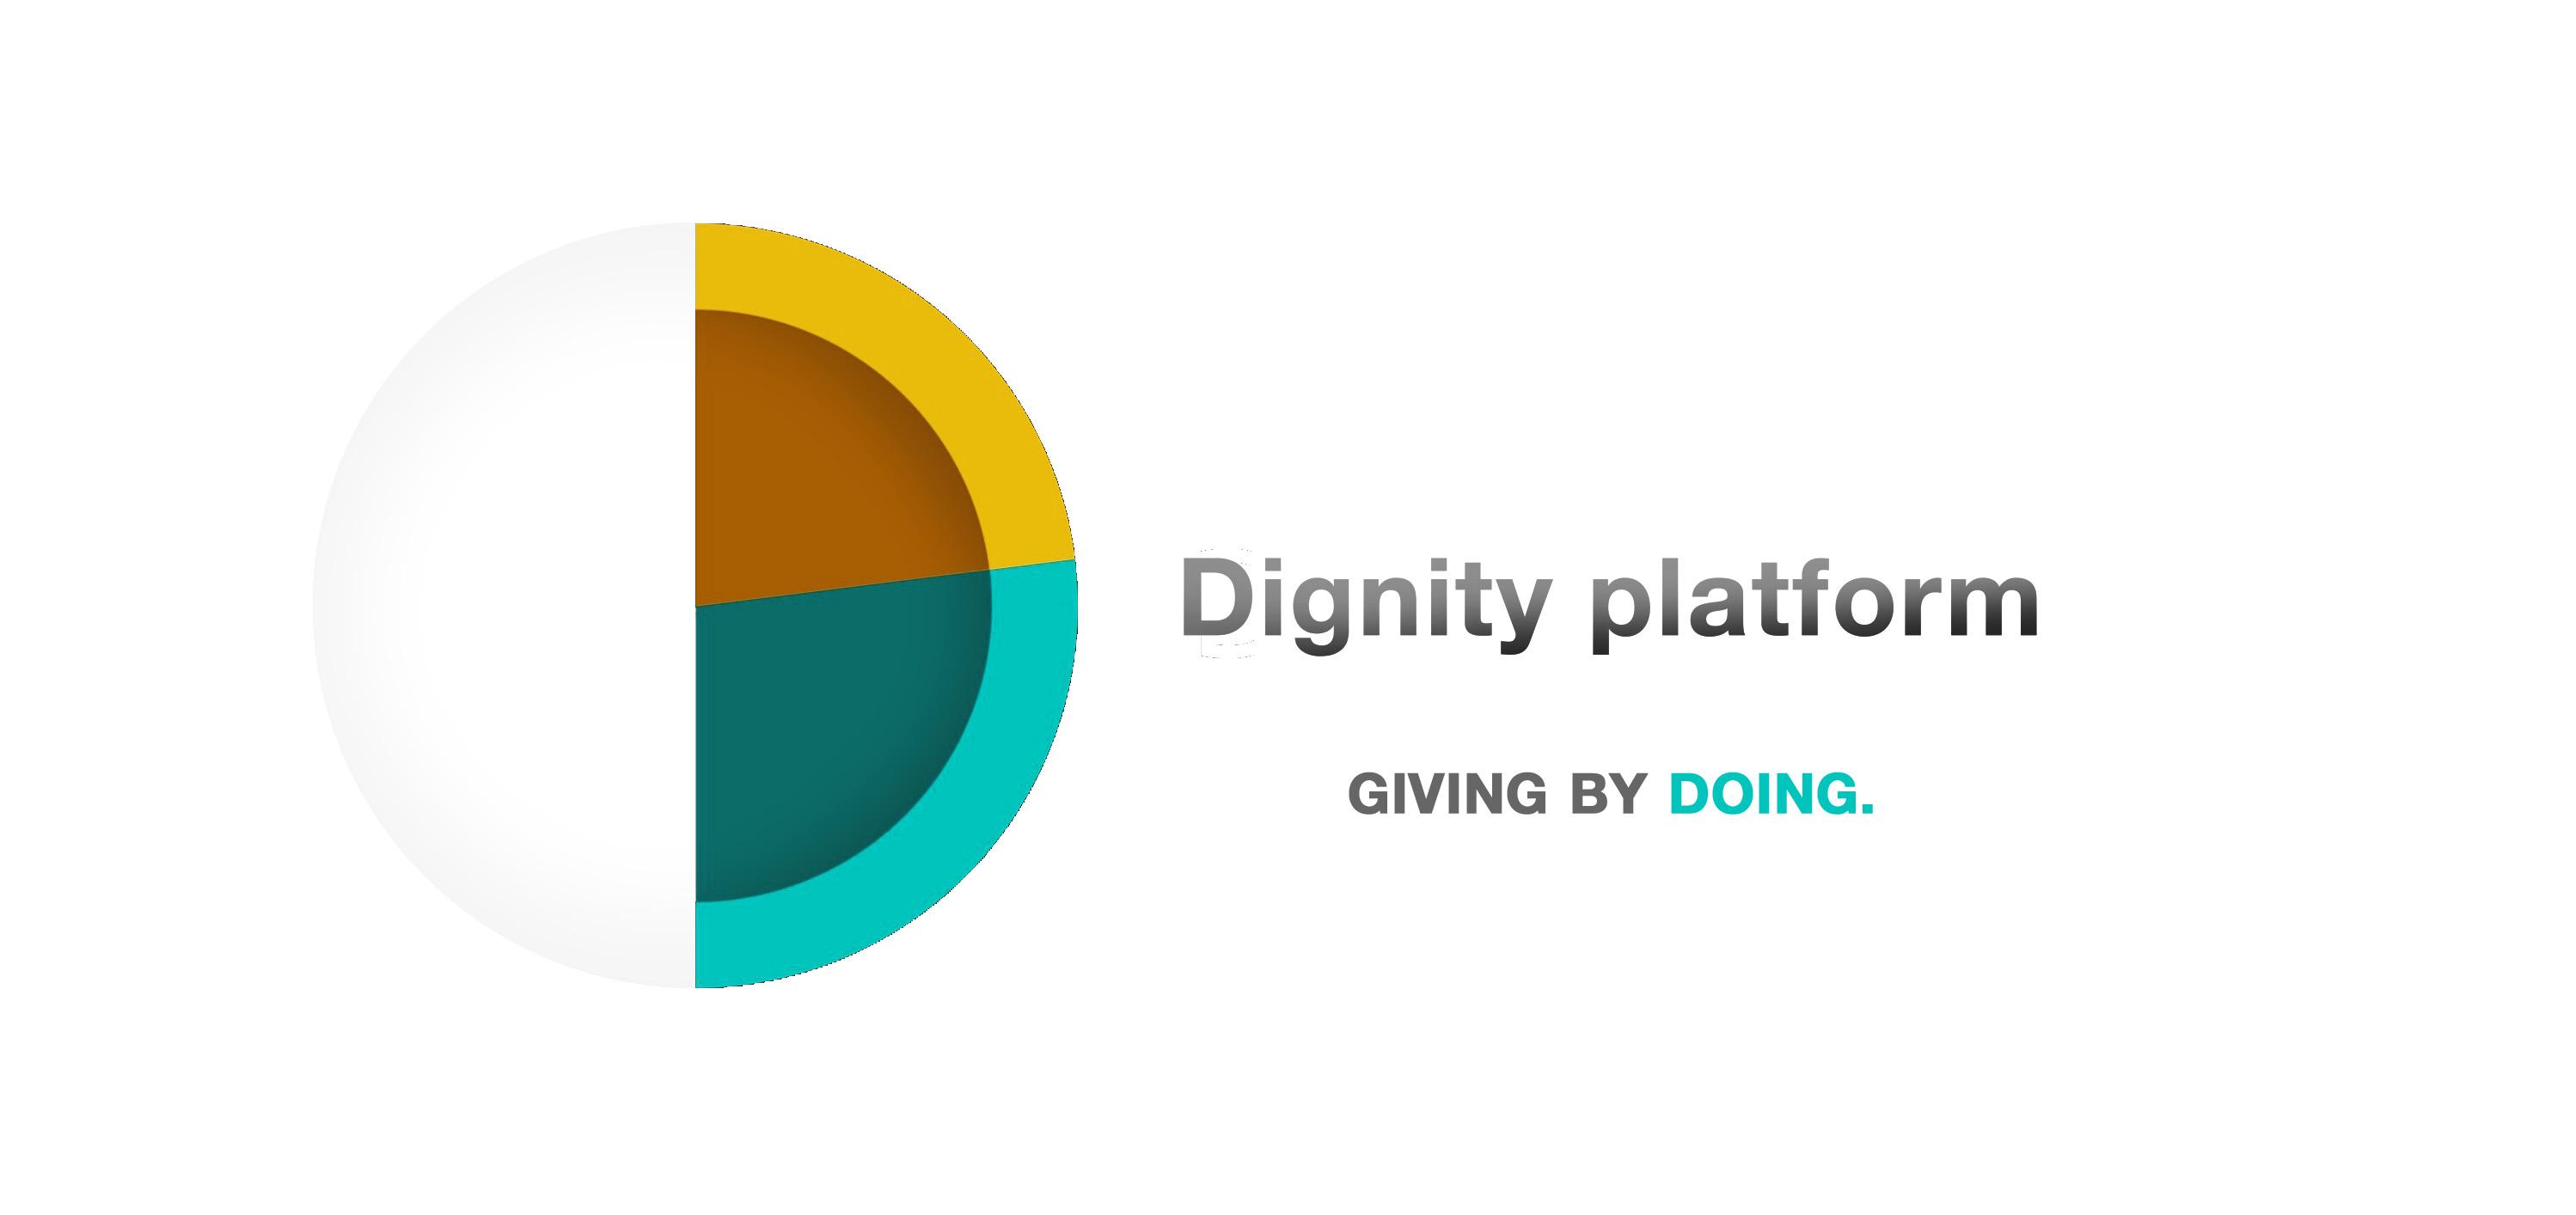 Dignity platform